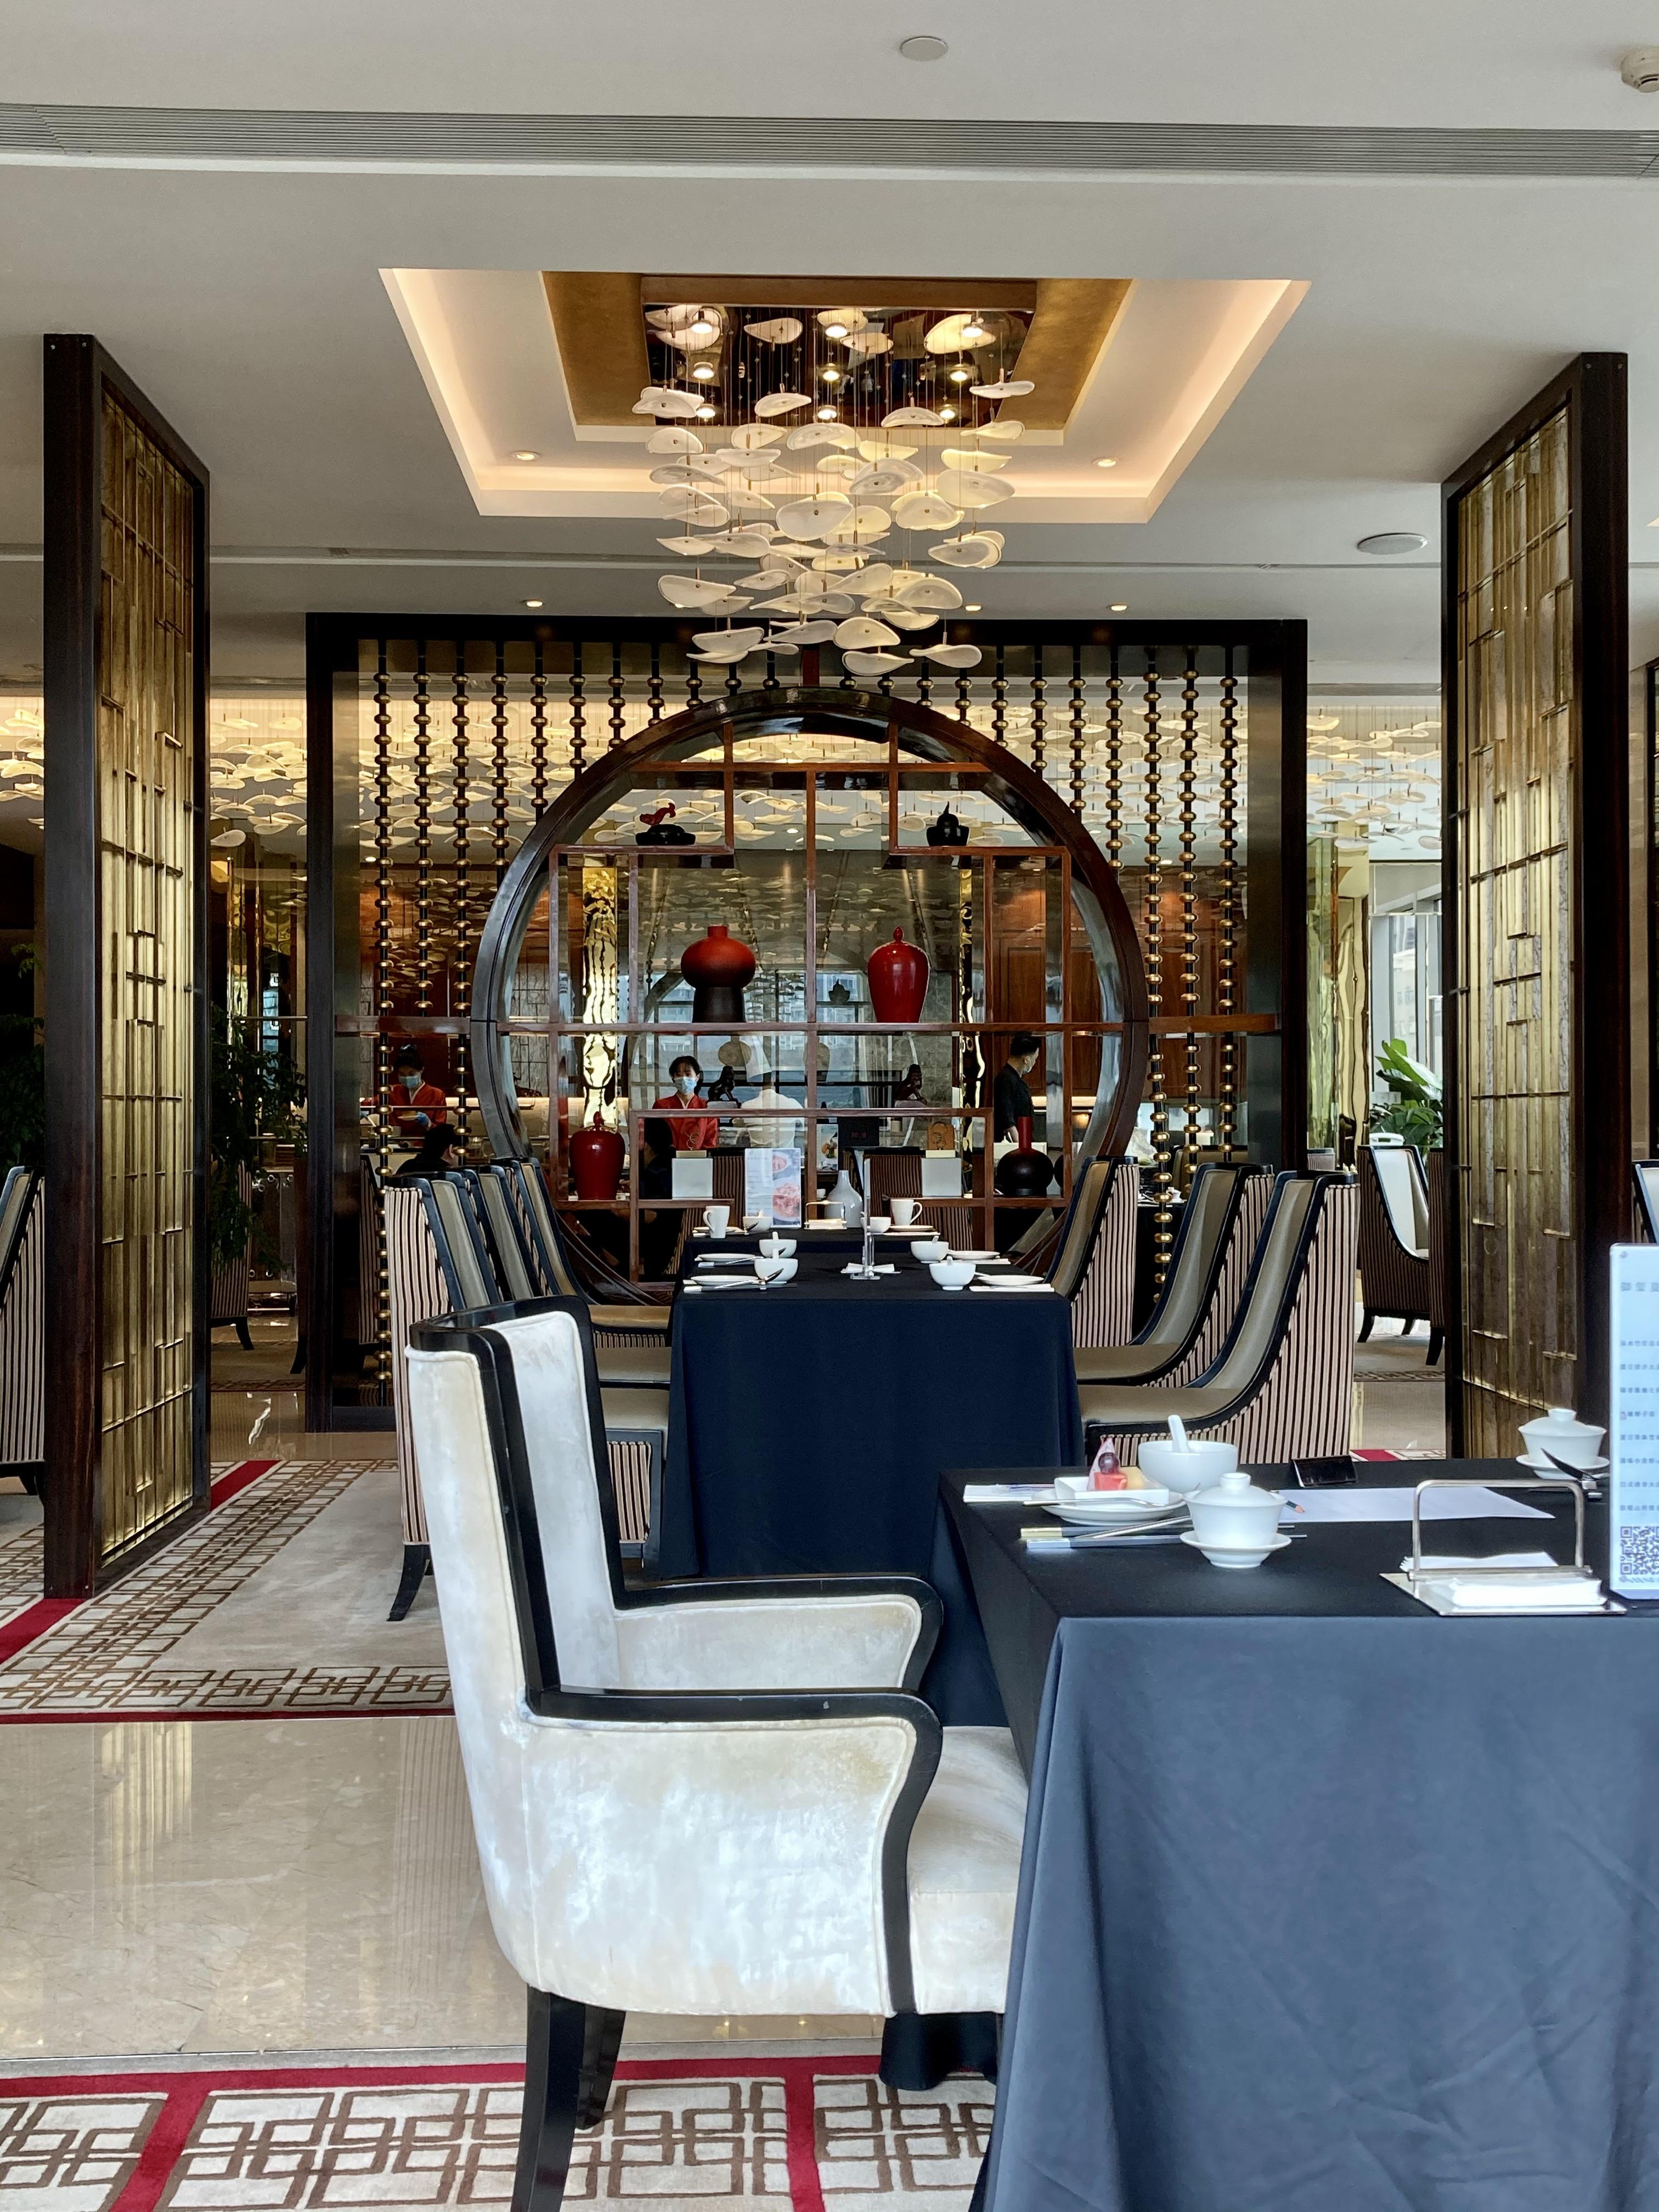 Na China, os restaurantes, dos mais tradicionais e estilosos aos mais modestos, todos praticam de forma massiva a venda de vouchers promocionais antecipados para suas refeições e happy hours